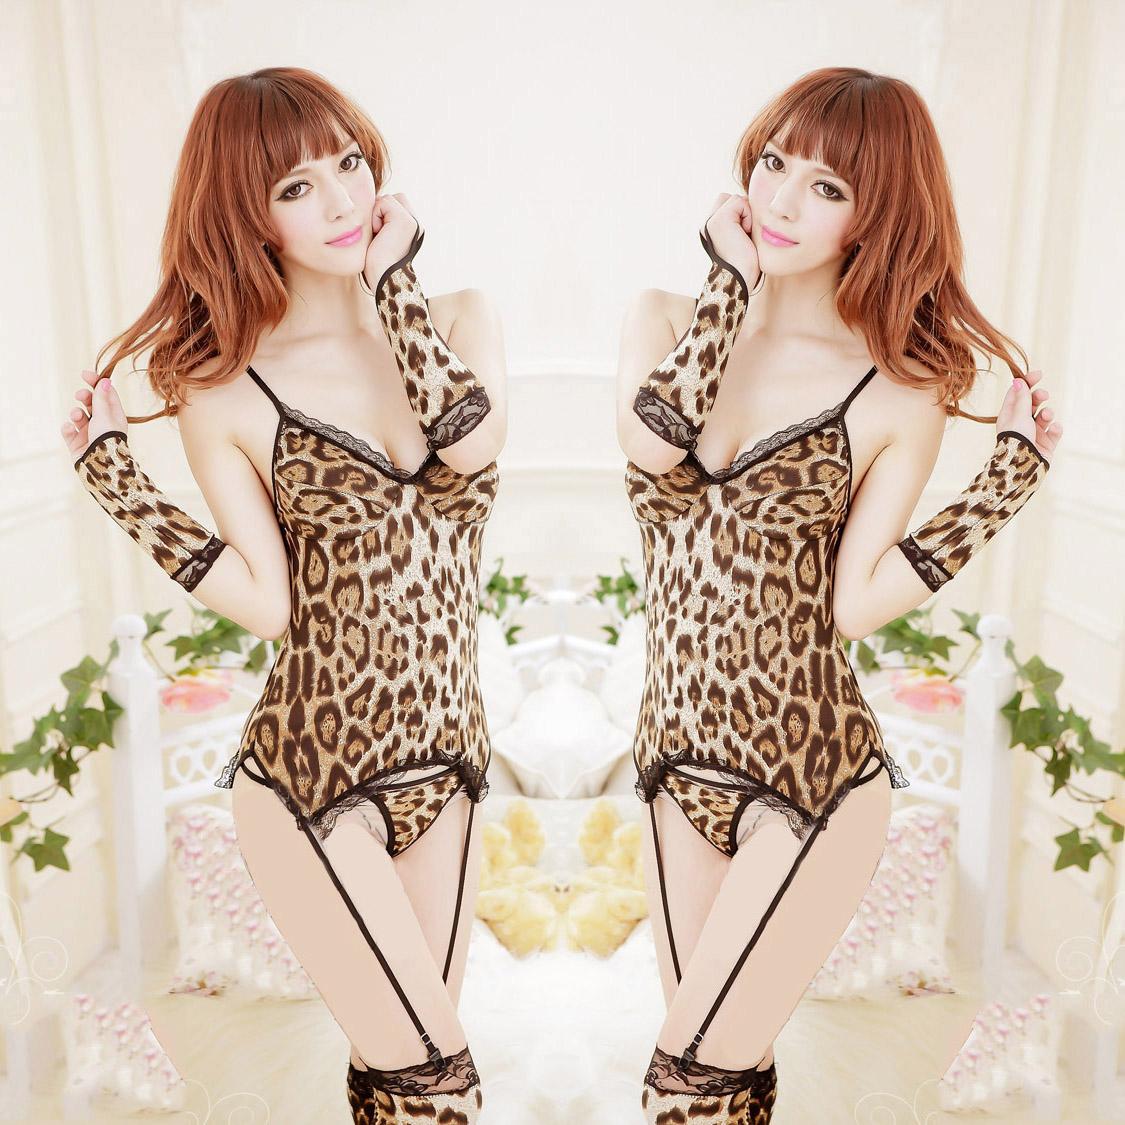 Владелец реальные реальные сексуальные леопардовым принтом белье взрослых SM кошки искушение, заданные женский костюм зайчика от Kupinatao